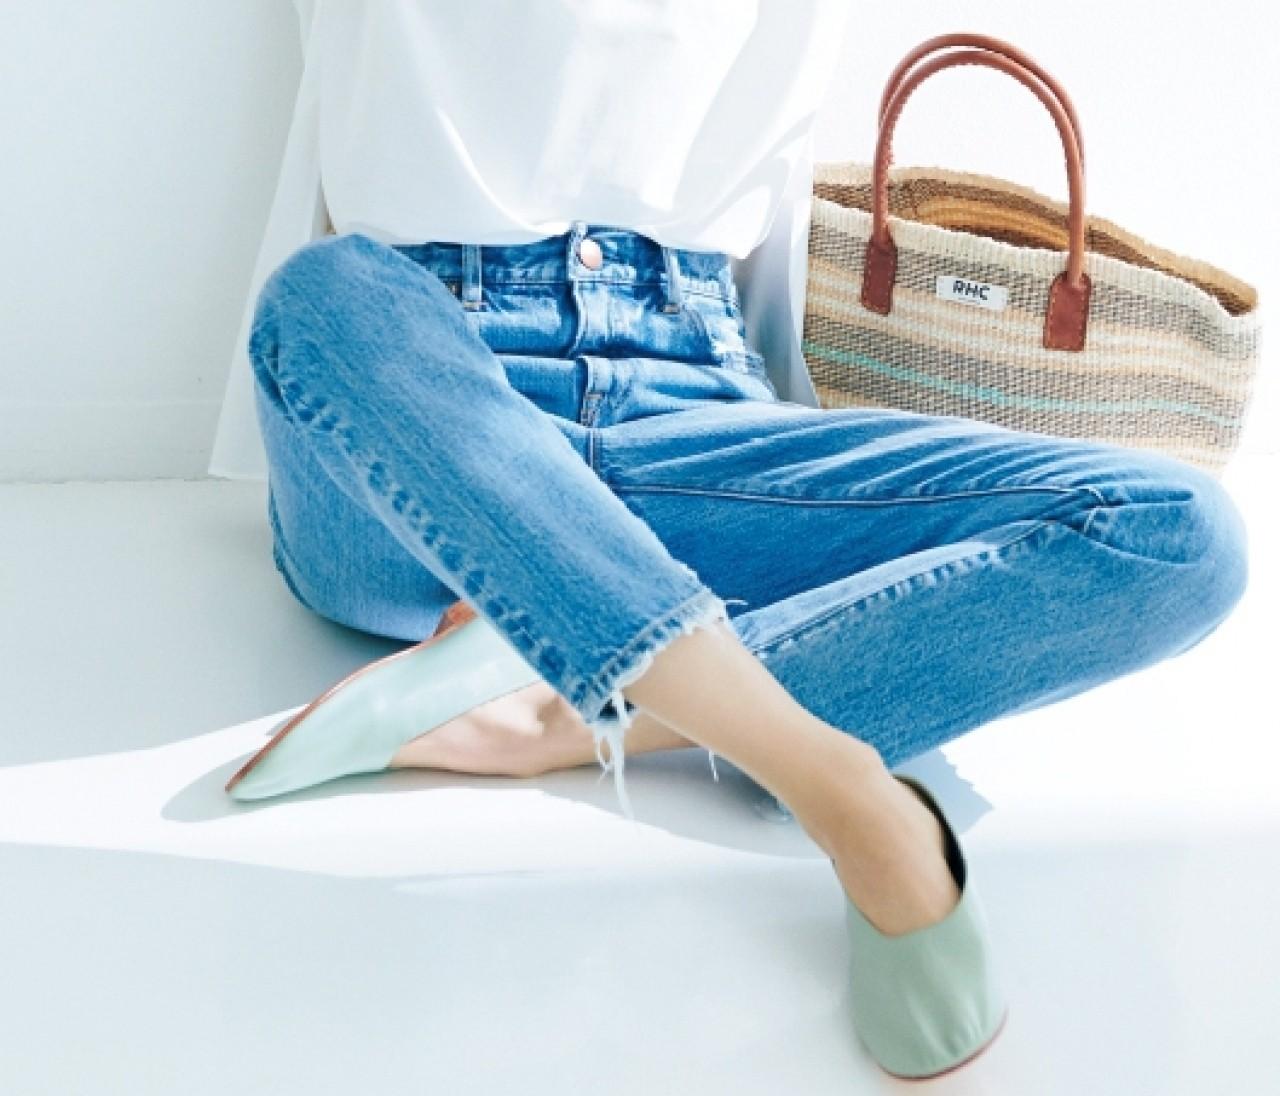 【働く女子の春フラット靴】「淡パステル」ならどのボトムにも合う!